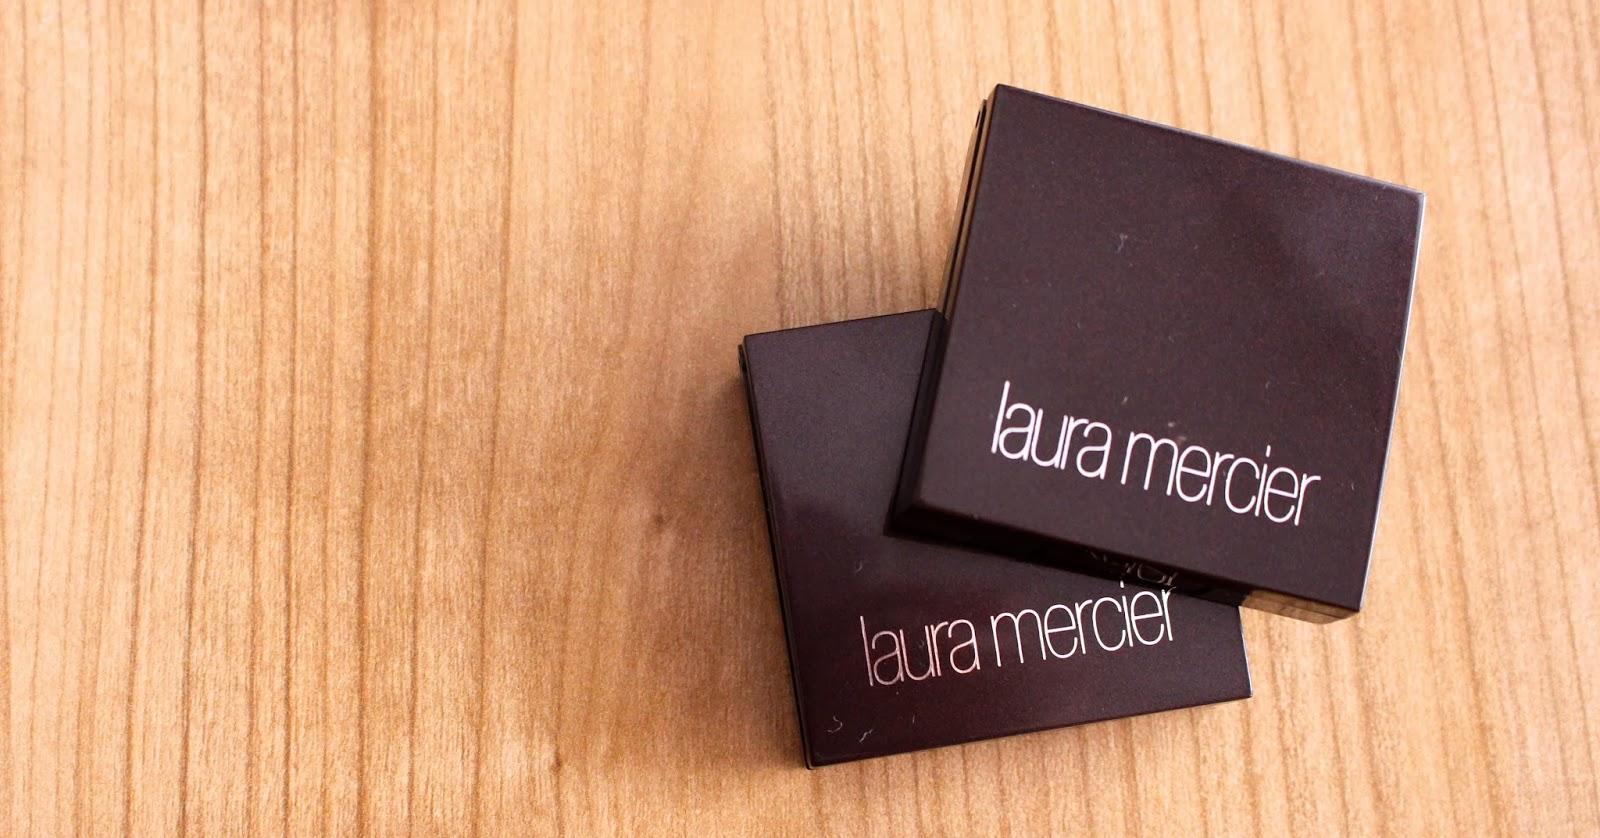 new-in-dior-laura-mercier-smashbox-makeup-6